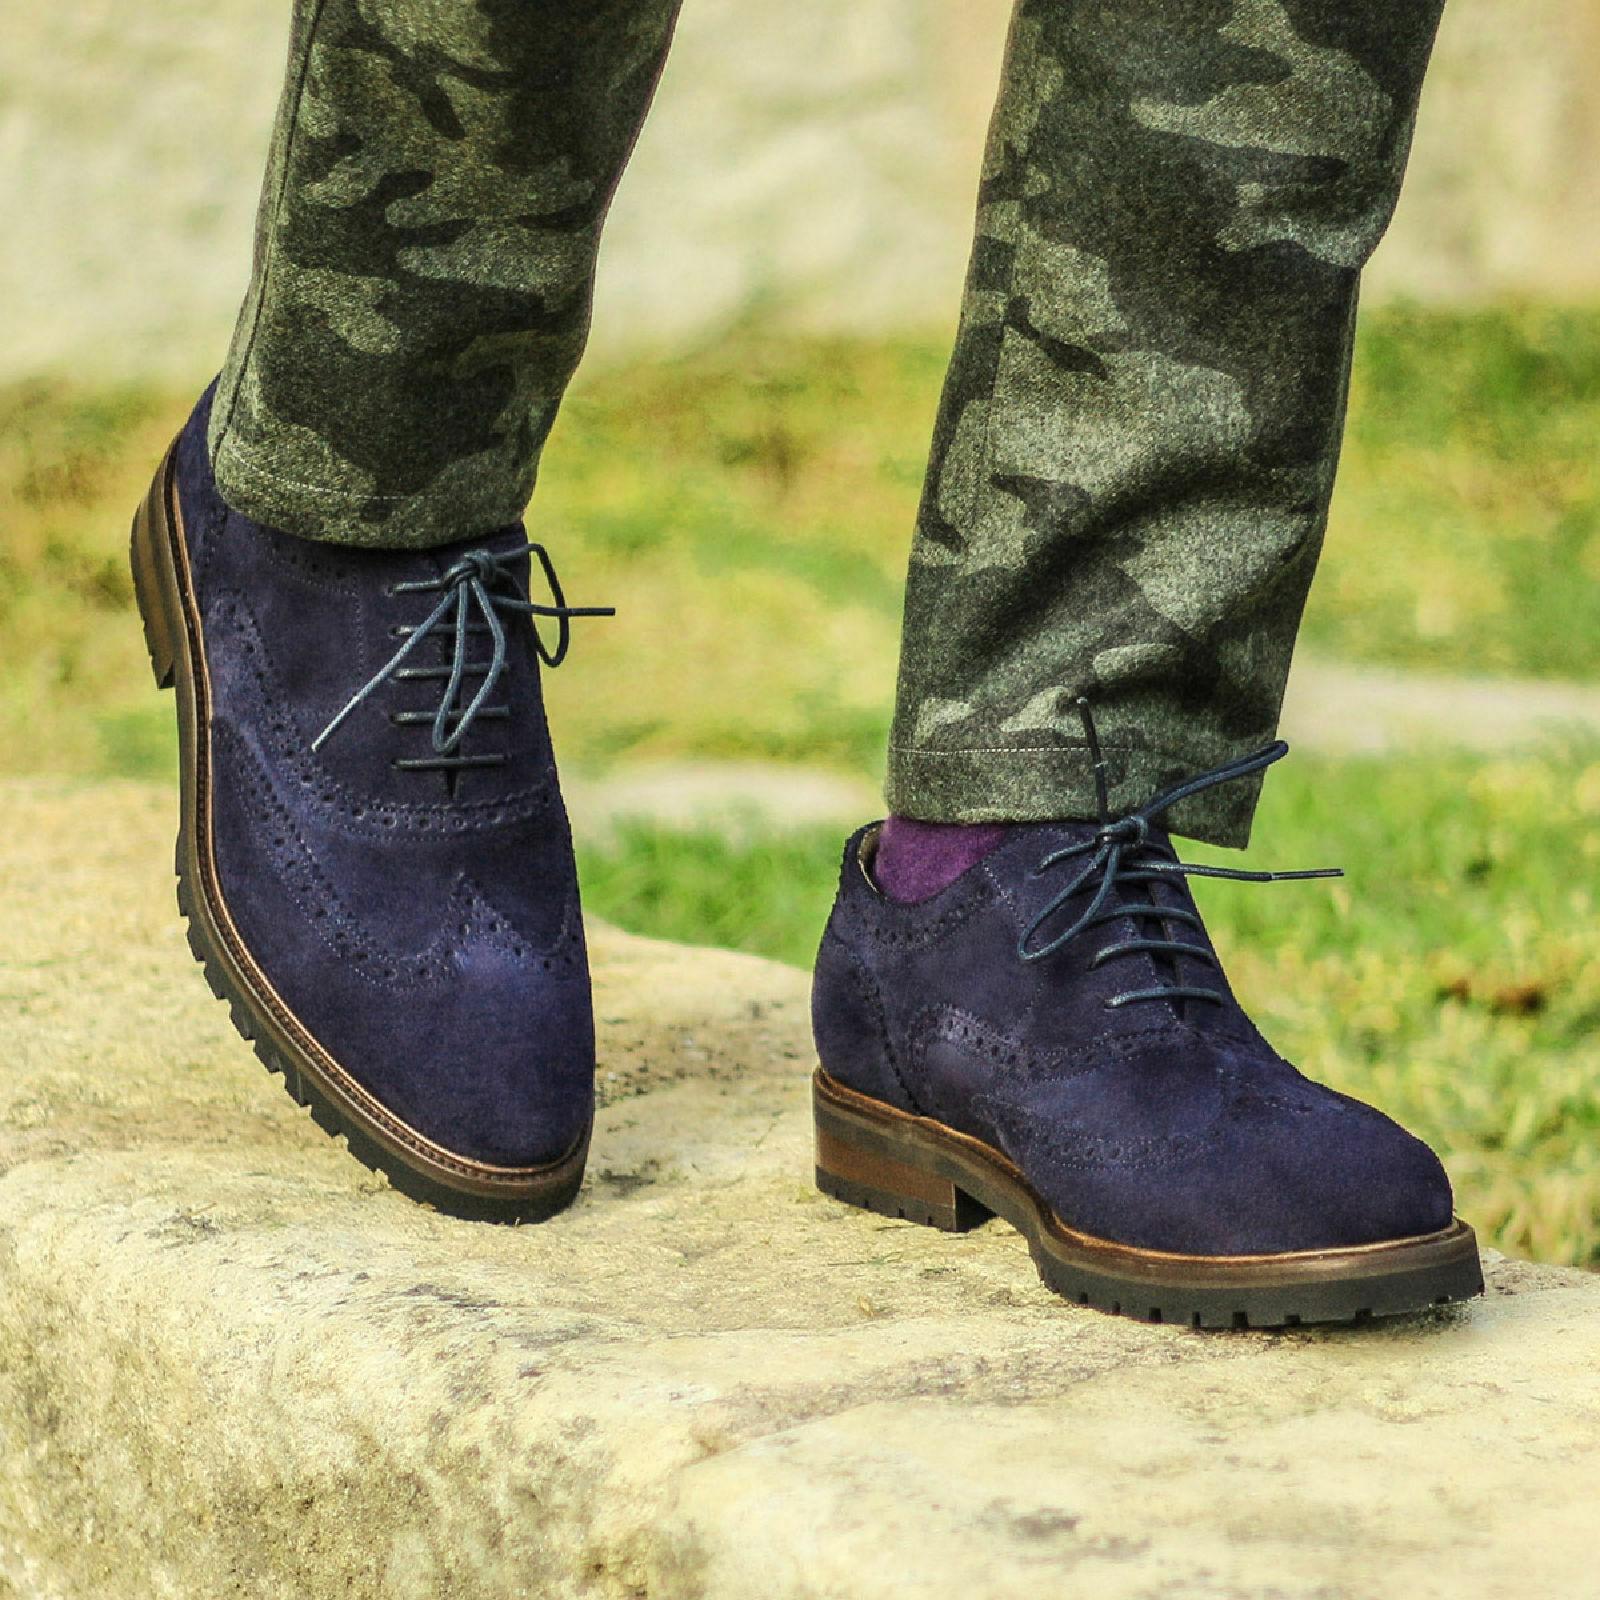 botas para hombre hecho a mano Azul Completo Estilo Gamuza Wing Tip Ropa Formal Informal Zapatos Nuevos